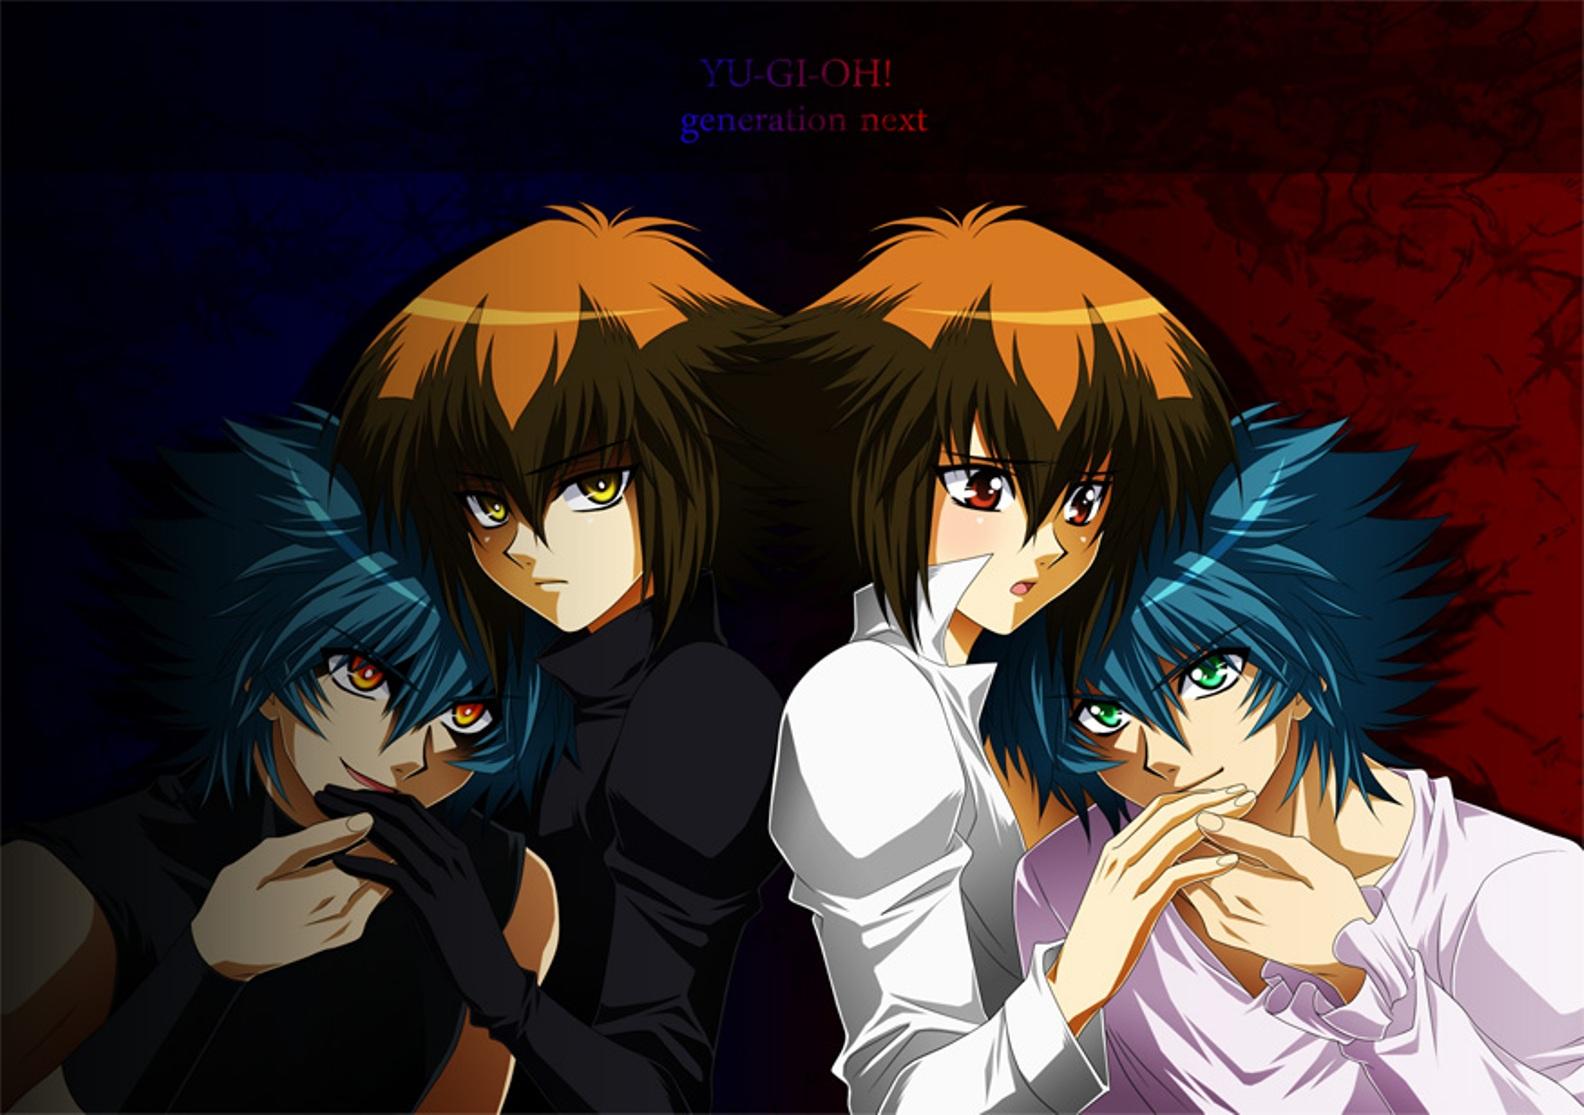 Yu-Gi-Oh!, Yaoi - Zerochan Anime Image Board